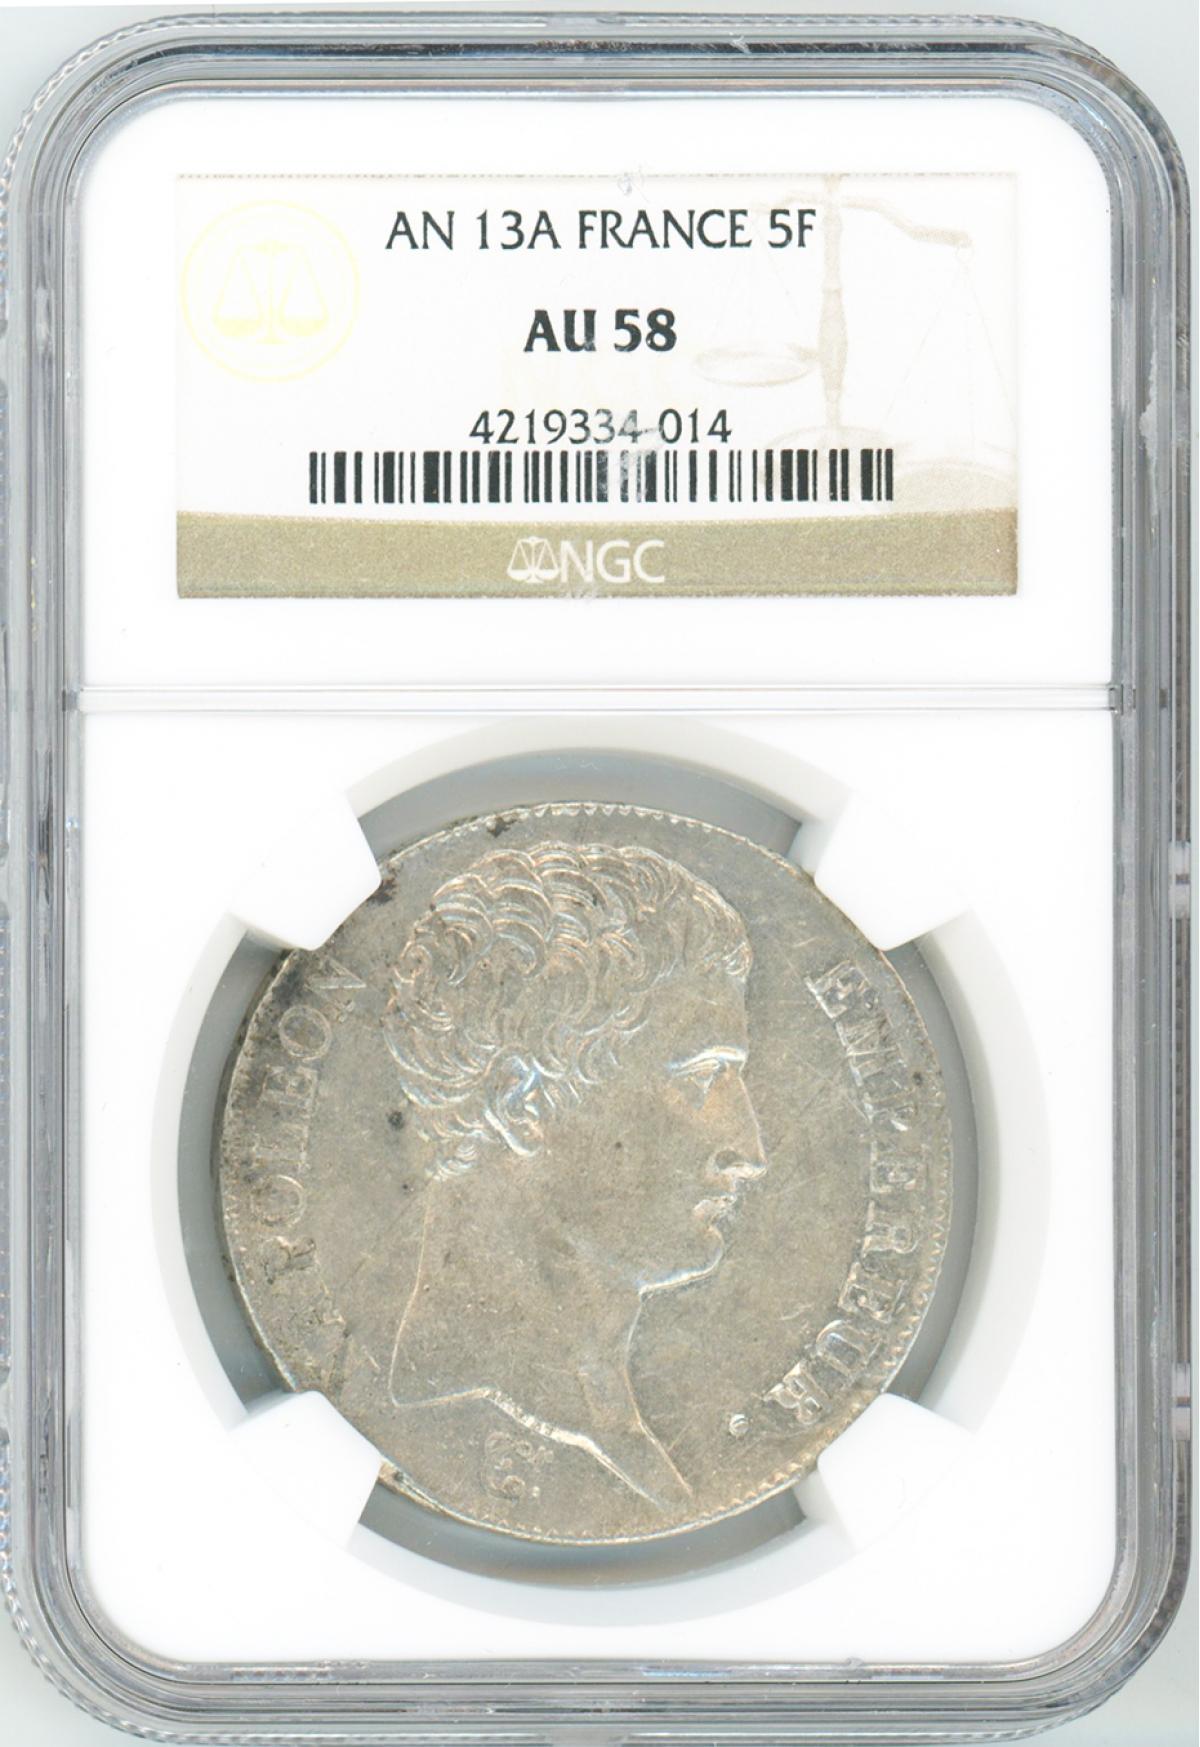 フランス 5フラン銀貨 ナポレオン第一執政(無冠) 1804年(AN13I)